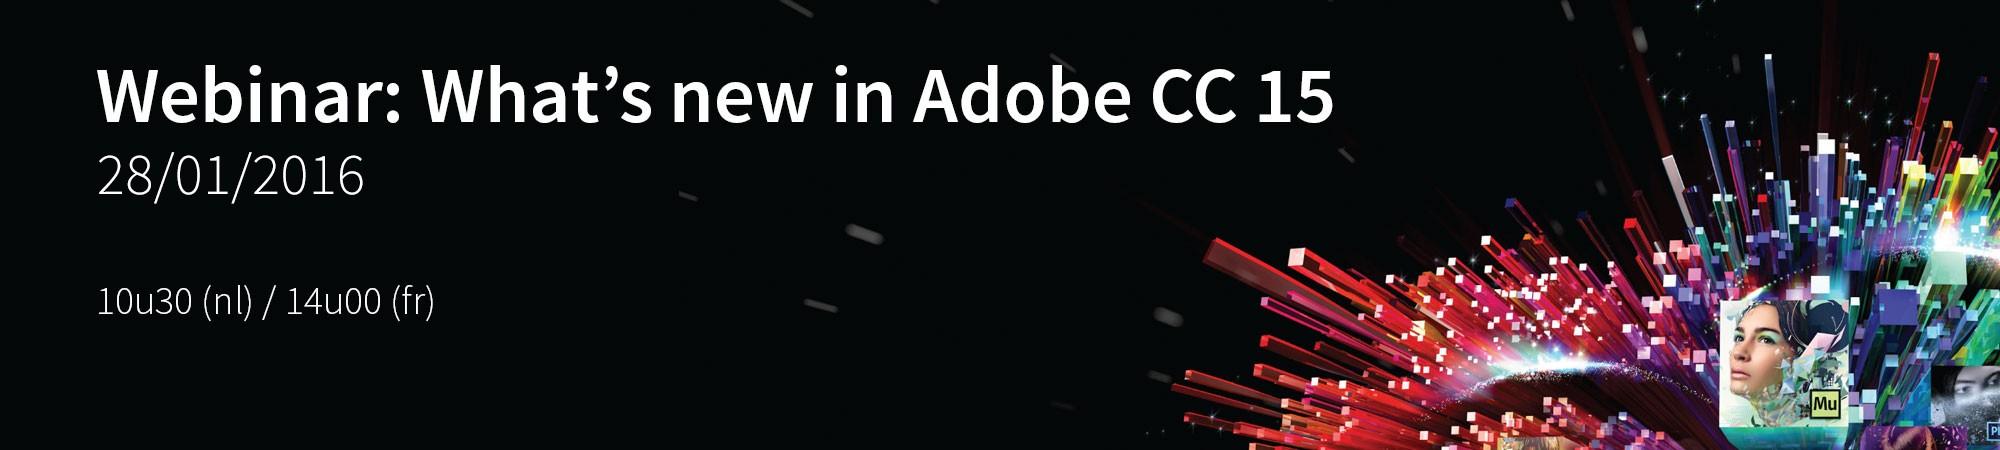 Banner_AdobeWebinar.jpg